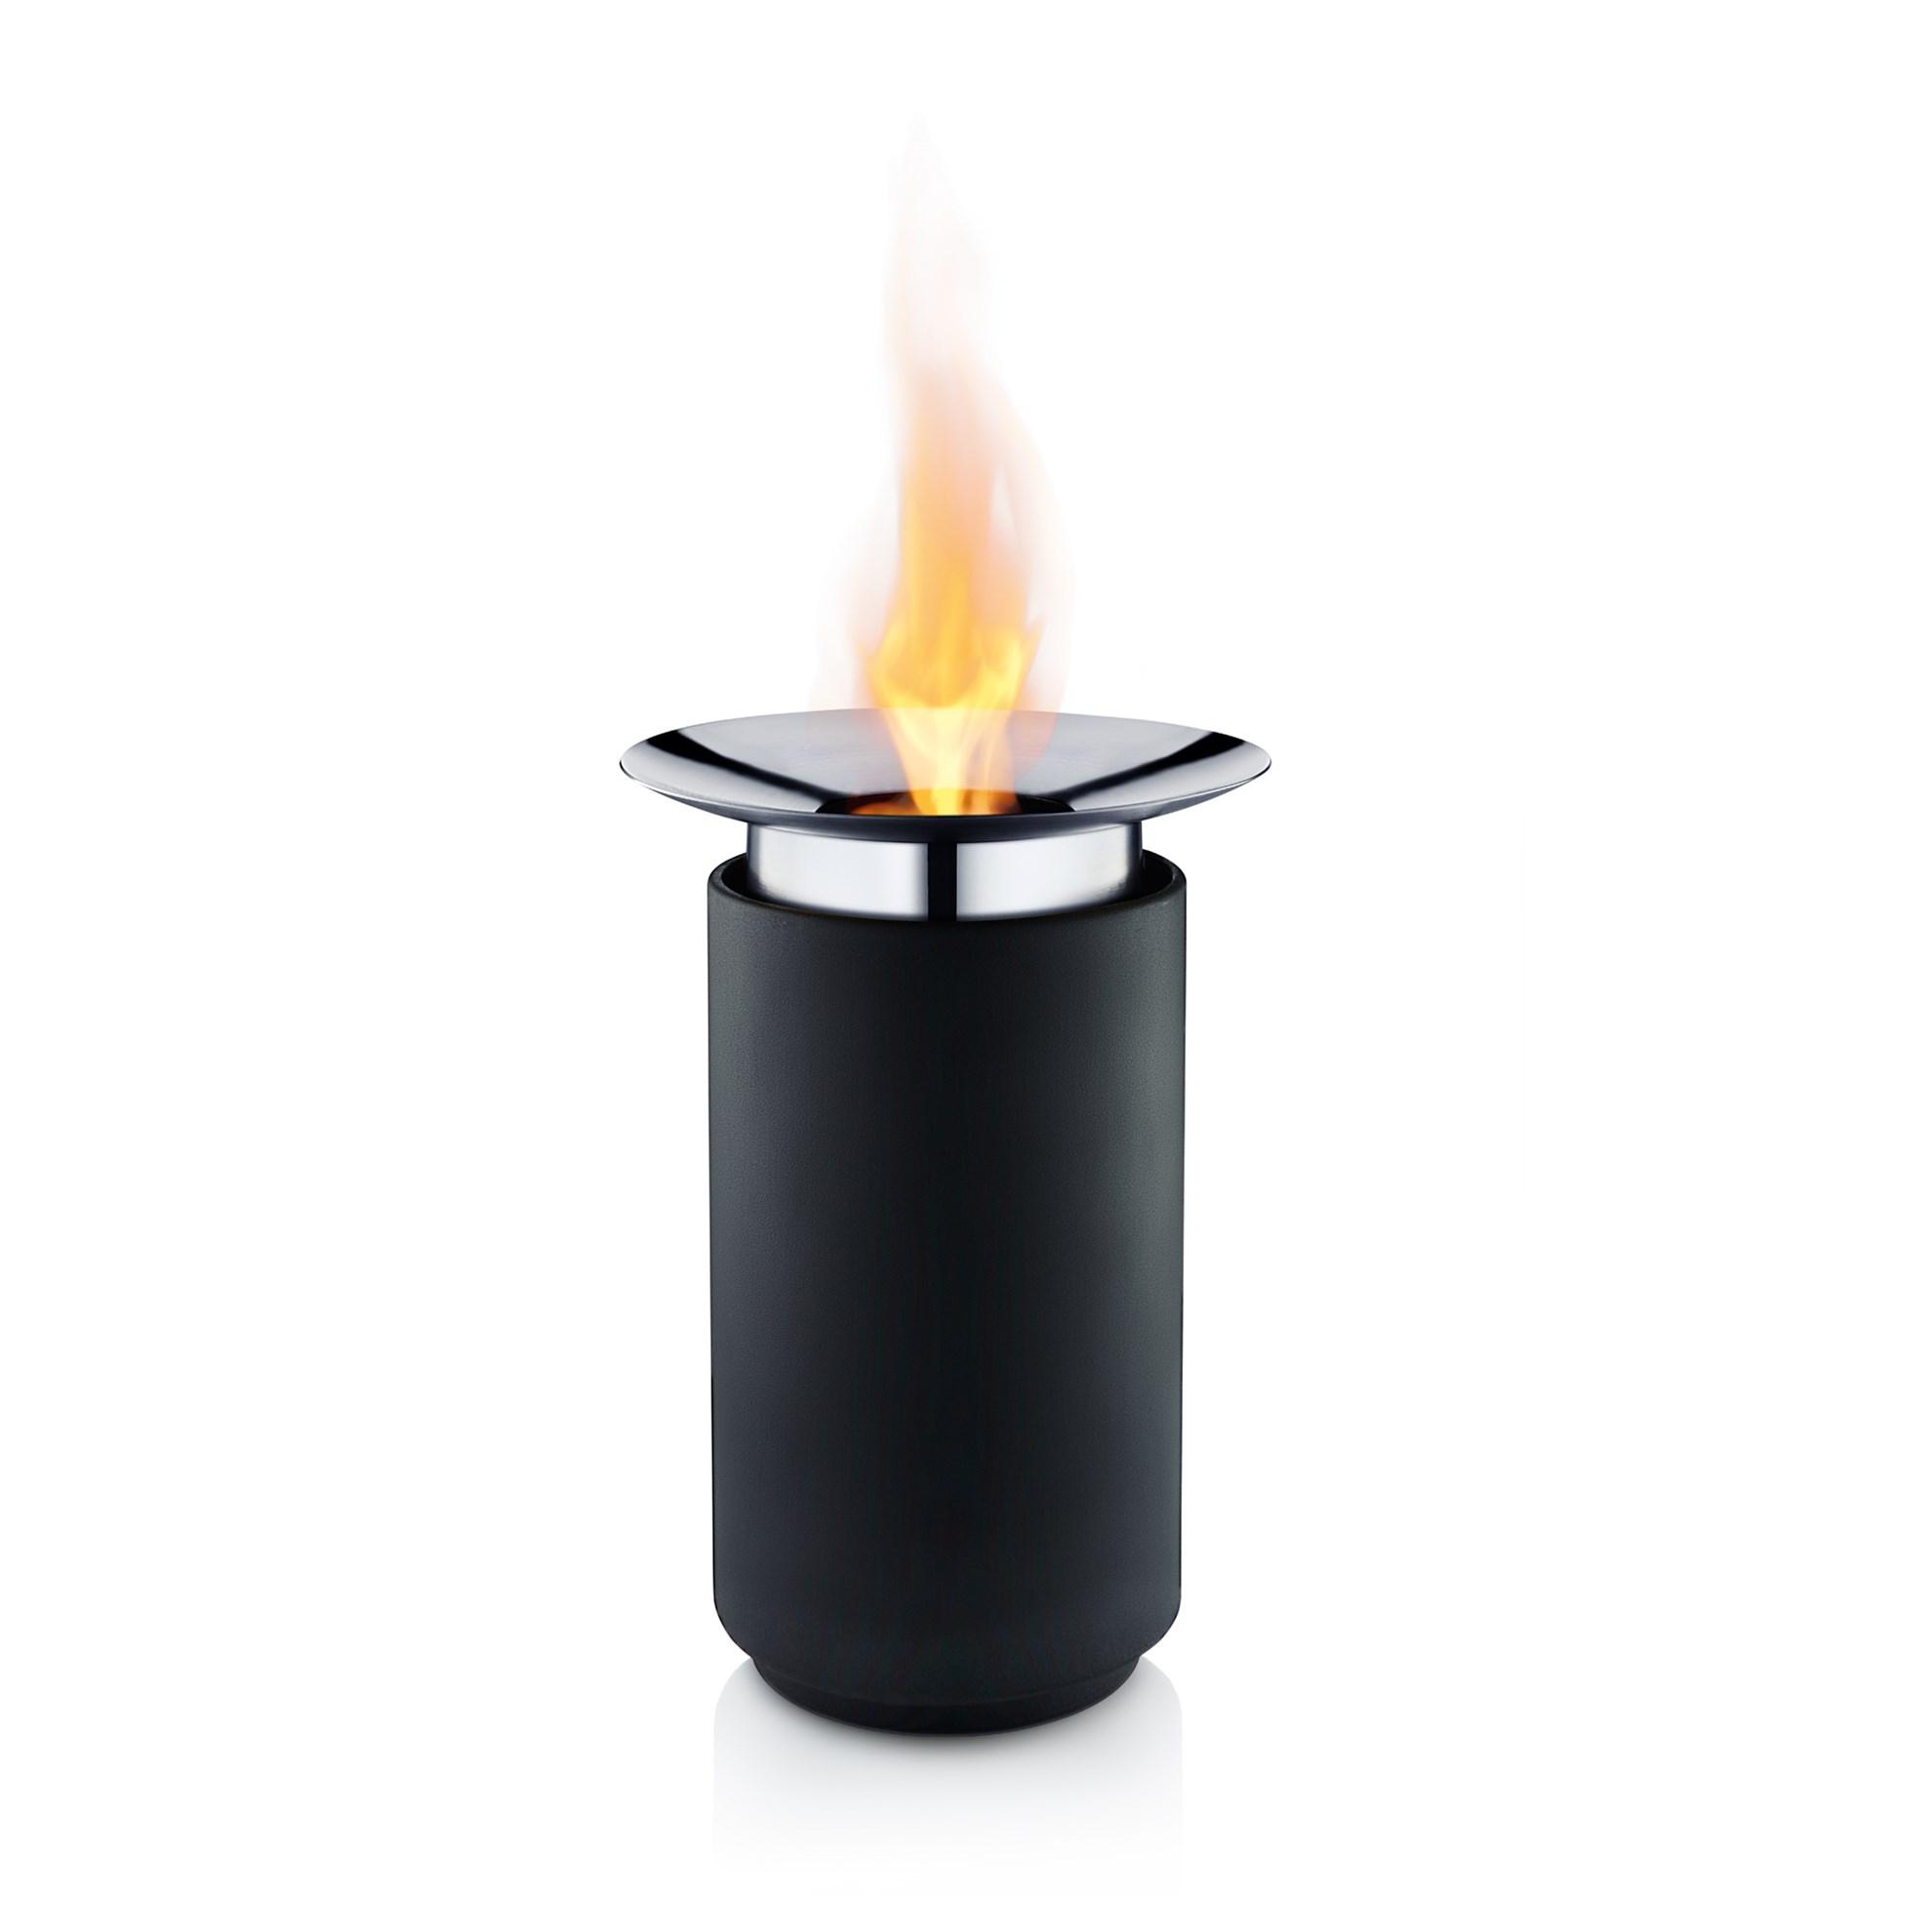 Venkovní gelový svícen LUNA+zhášedlo_0